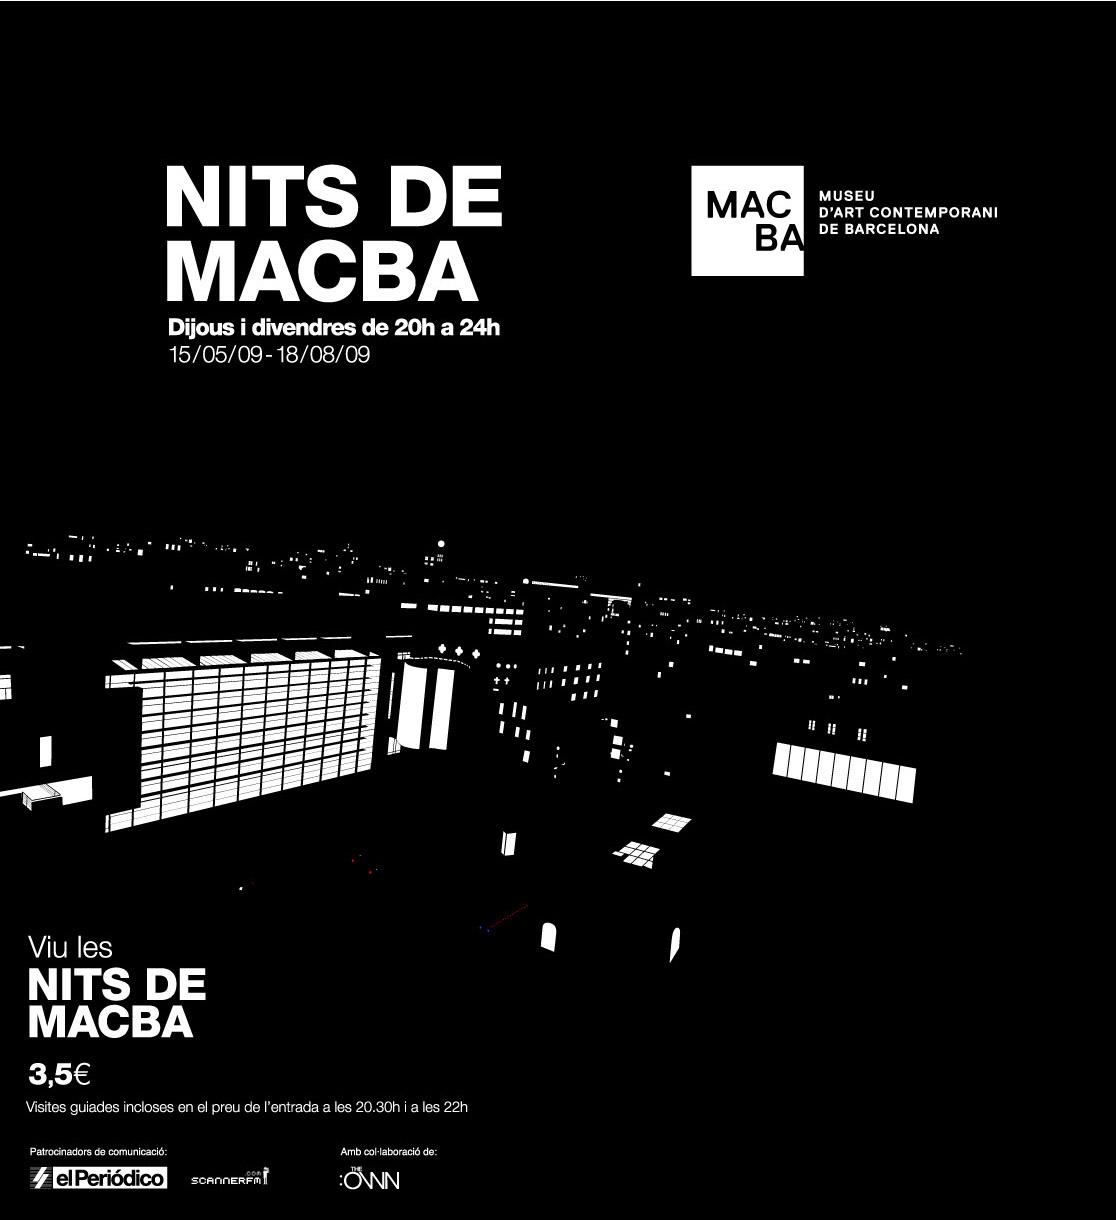 Nits_Macba